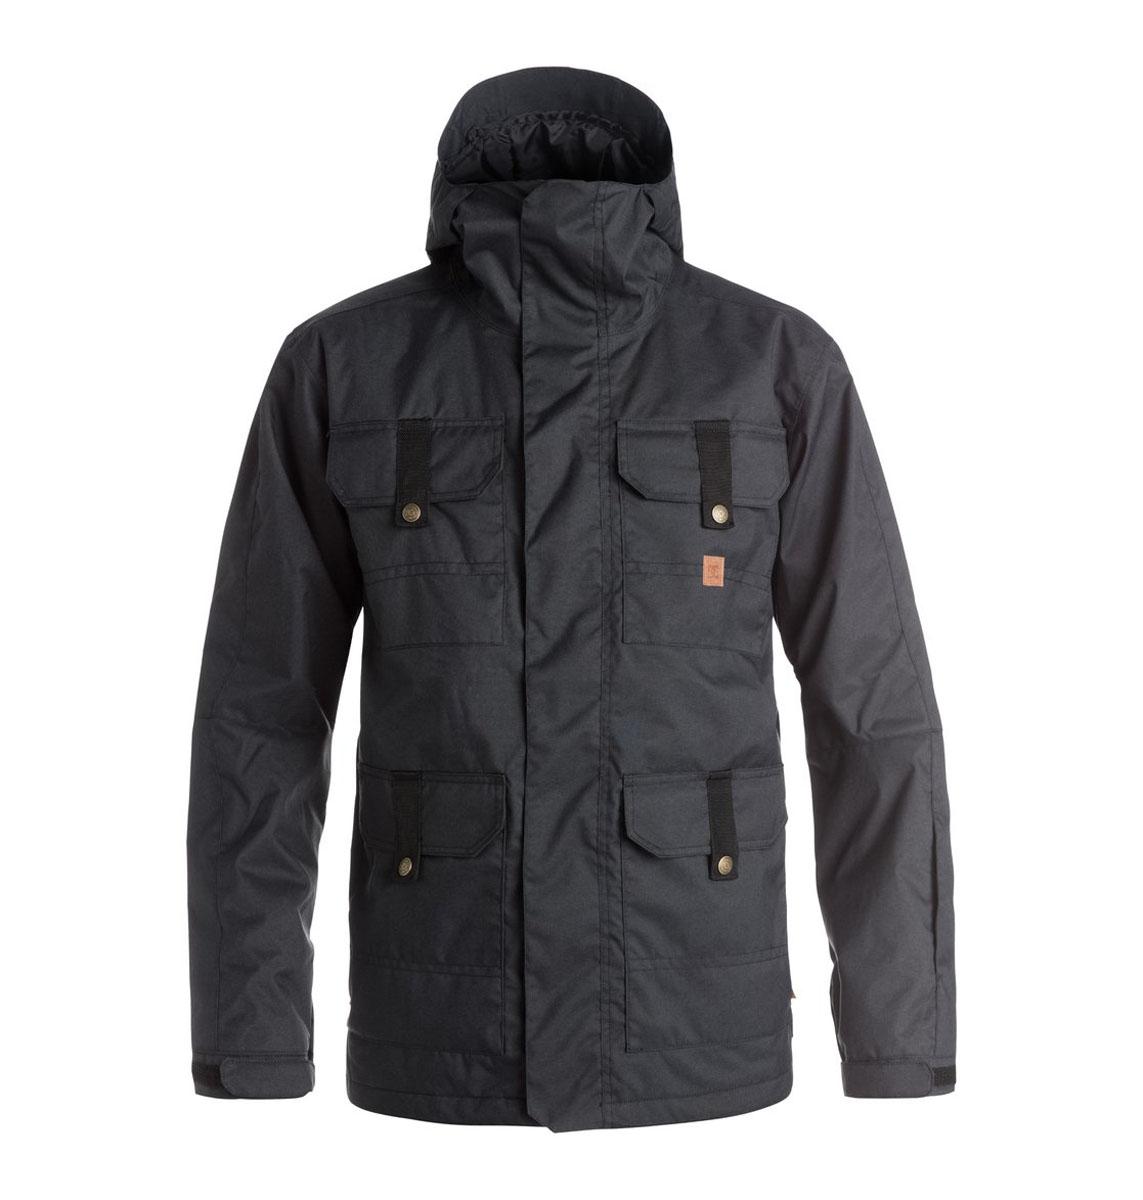 Куртка мужская DC Shoes, цвет: черный. EDYTJ03022. Размер XL (56)EDYTJ03022-KVJ0Мужская куртка Quiksilverвыполнена из 100% полиэстера. В качестве подкладки и утеплителя также используется полиэстер. Изделие произведено из сырья высшего качества.Модель с несъемным капюшоном застегивается на застежку-молнию и имеет ветрозащитную планку на липучках. Край капюшона дополнен шнурком-кулиской и небольшим укрепленным козырьком. Низ рукавов дополнен хлястиком на кнопке, а внутренняя часть рукава оформлена эластичным манжетом с прорезью для большого пальца. Спереди расположено четыре накладных кармана с клапанами на кнопках и липучках и по бокам они же дополнены карманами намолнии, а с внутренней стороны - один накладной карман из сетчатой ткани. Под защитной планкой расположена застежка молния, которая дополнена отверстием для наушников. В поясе с внутренней стороны куртка имеет дополнительную подкладку на резинке, которая защитит от ветра и попадания снега.